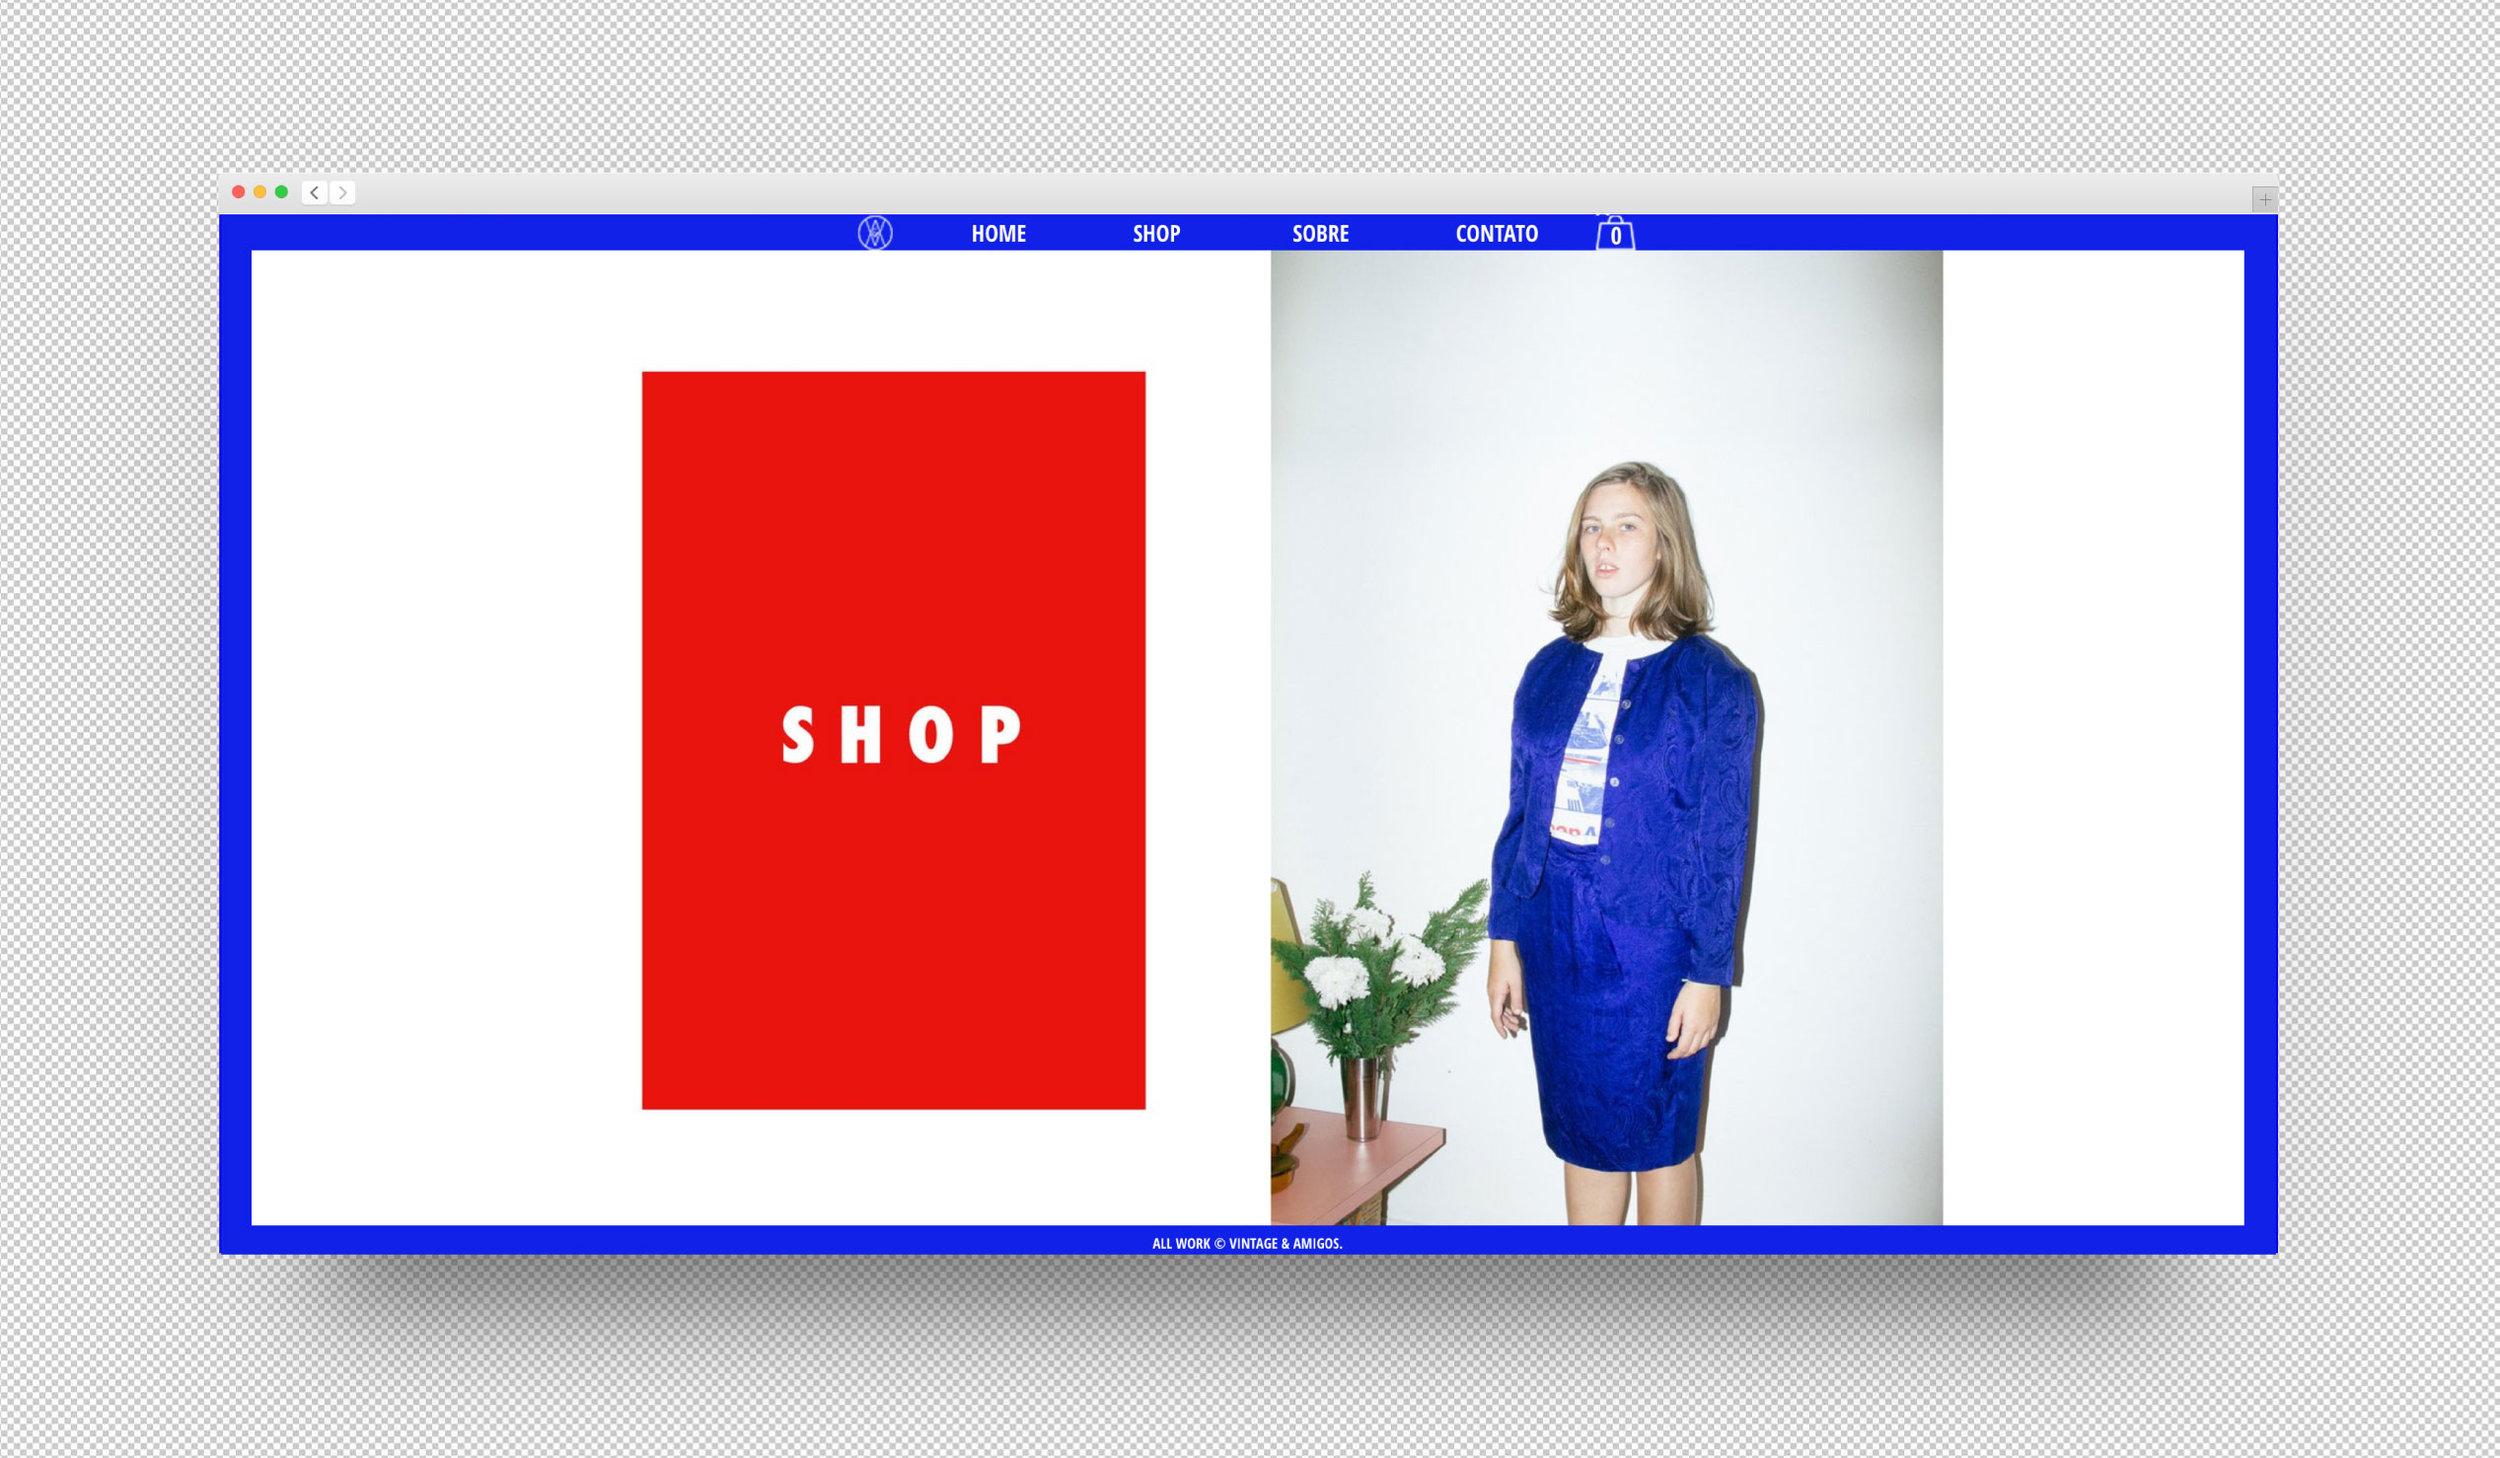 vea web-02.jpg